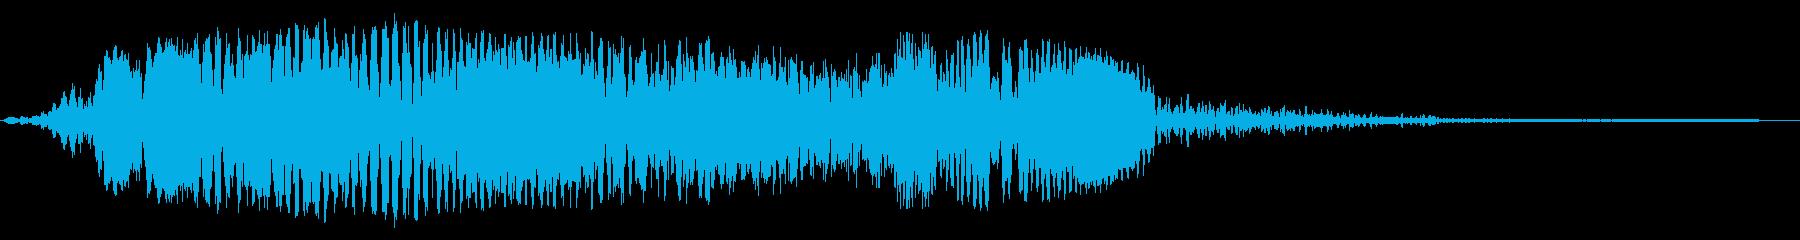 キーンとボーンが合わさった異次元の音の再生済みの波形